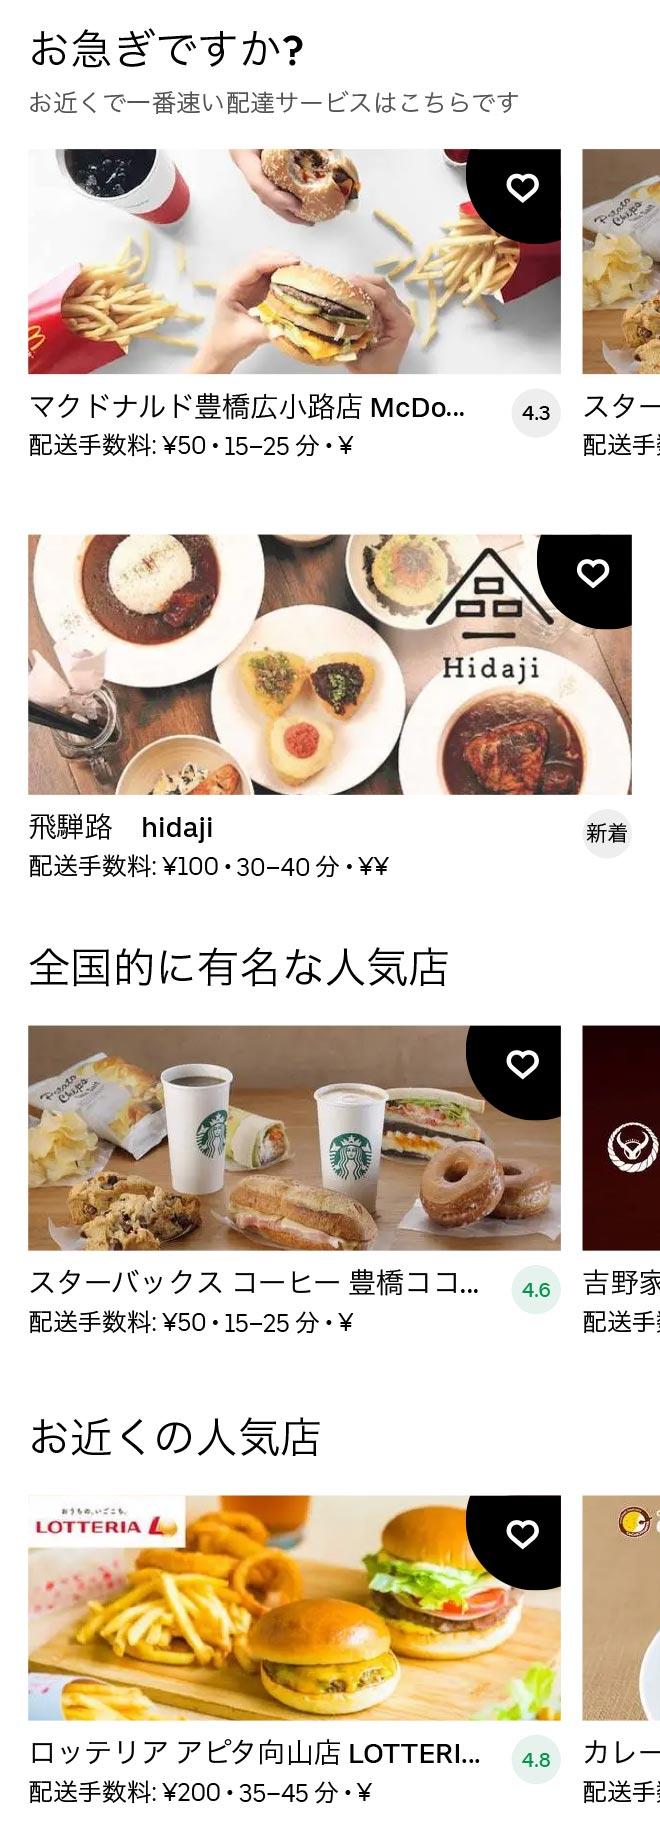 Toyohashi menu 2012 01